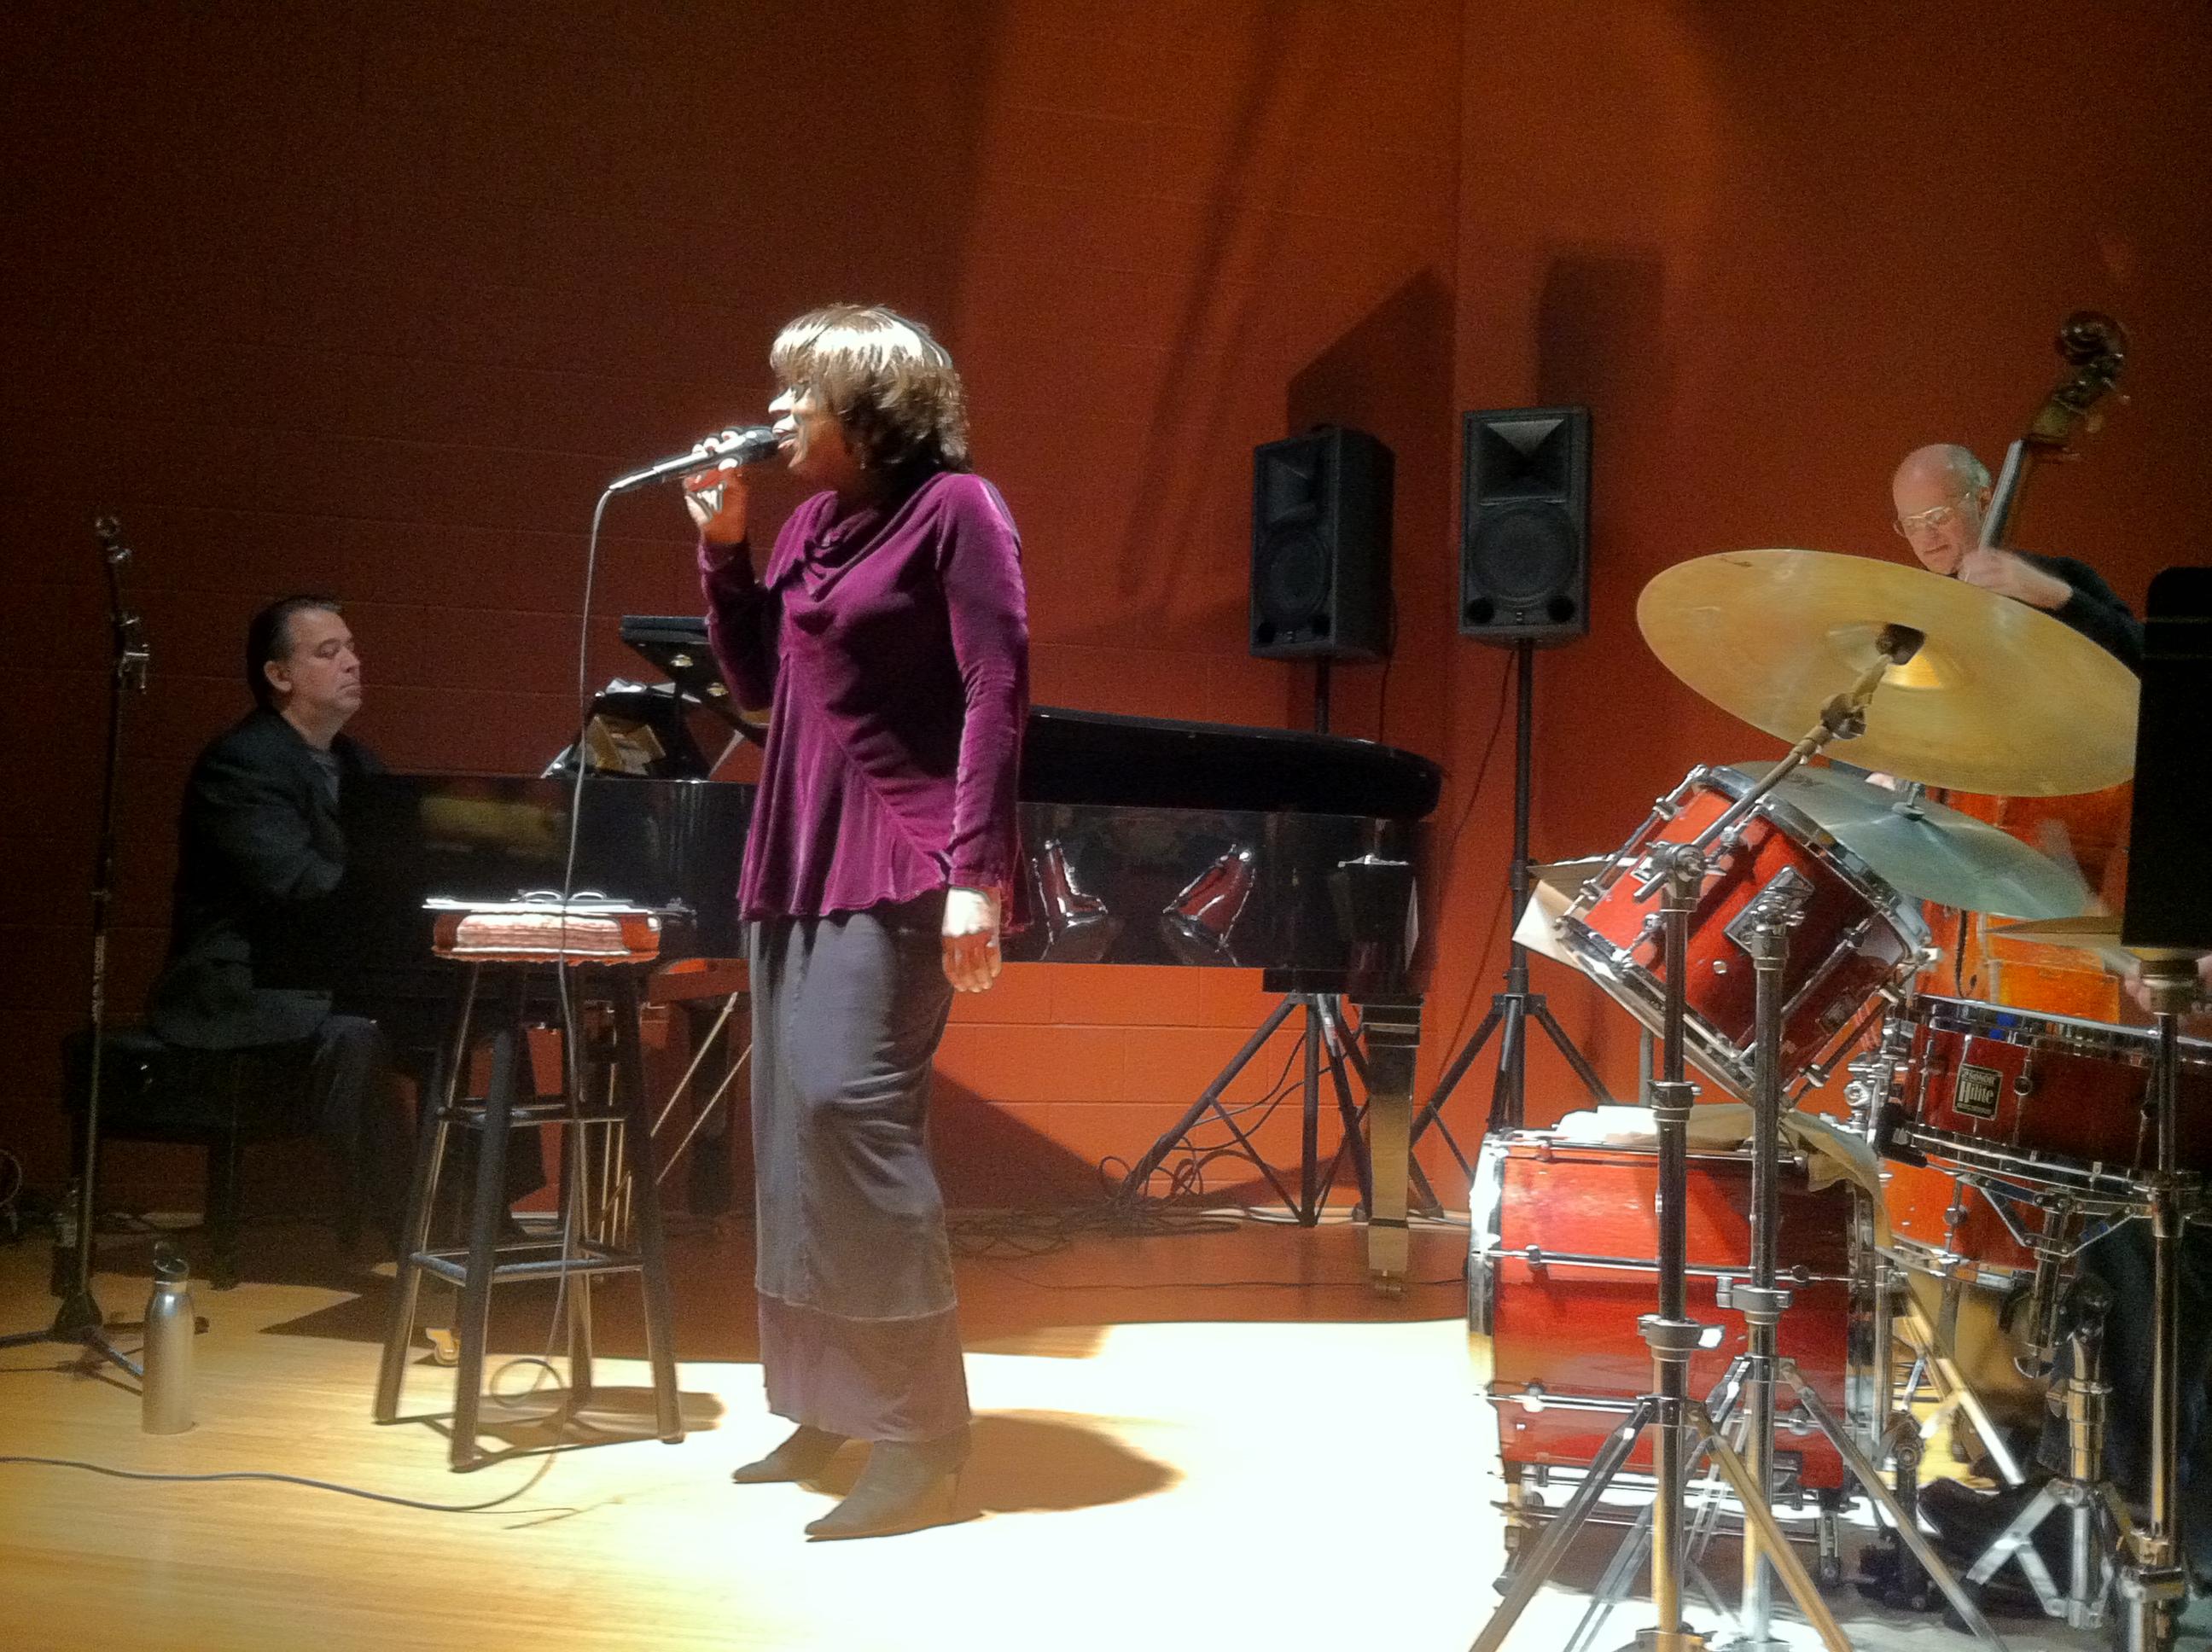 Gail Pettis